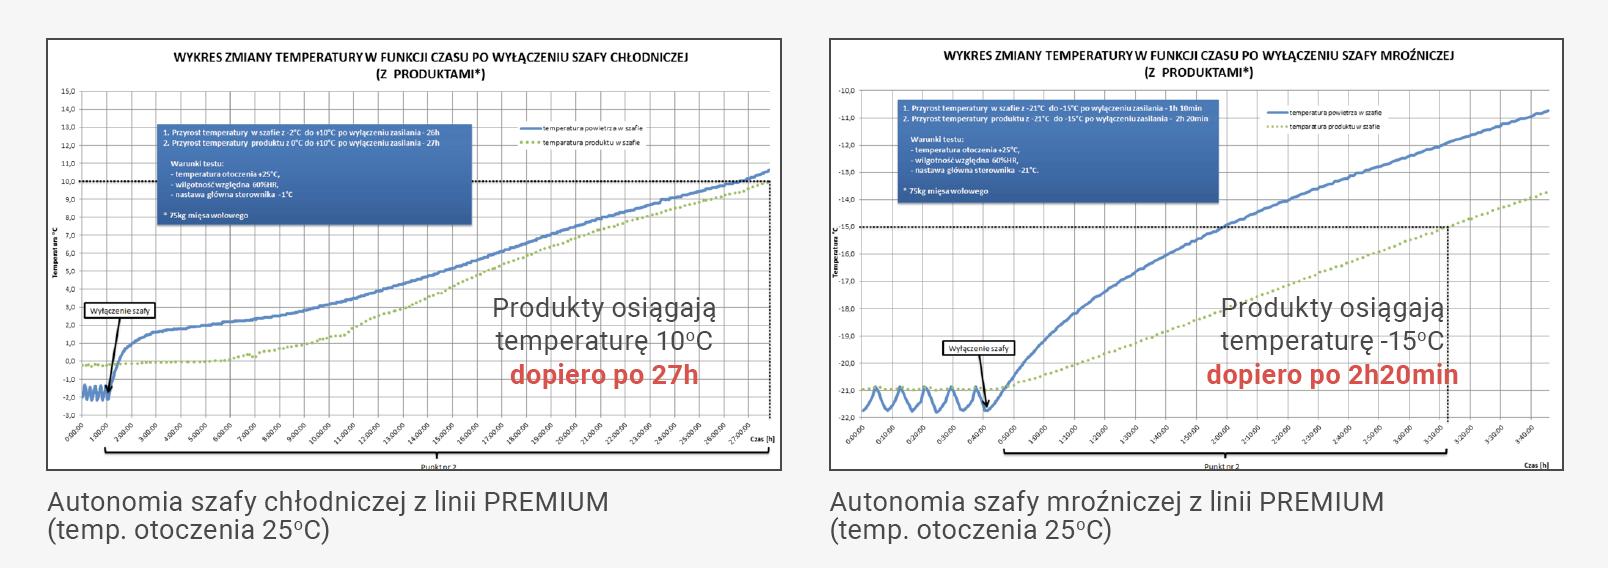 autonomia urządzeń chłodniczych